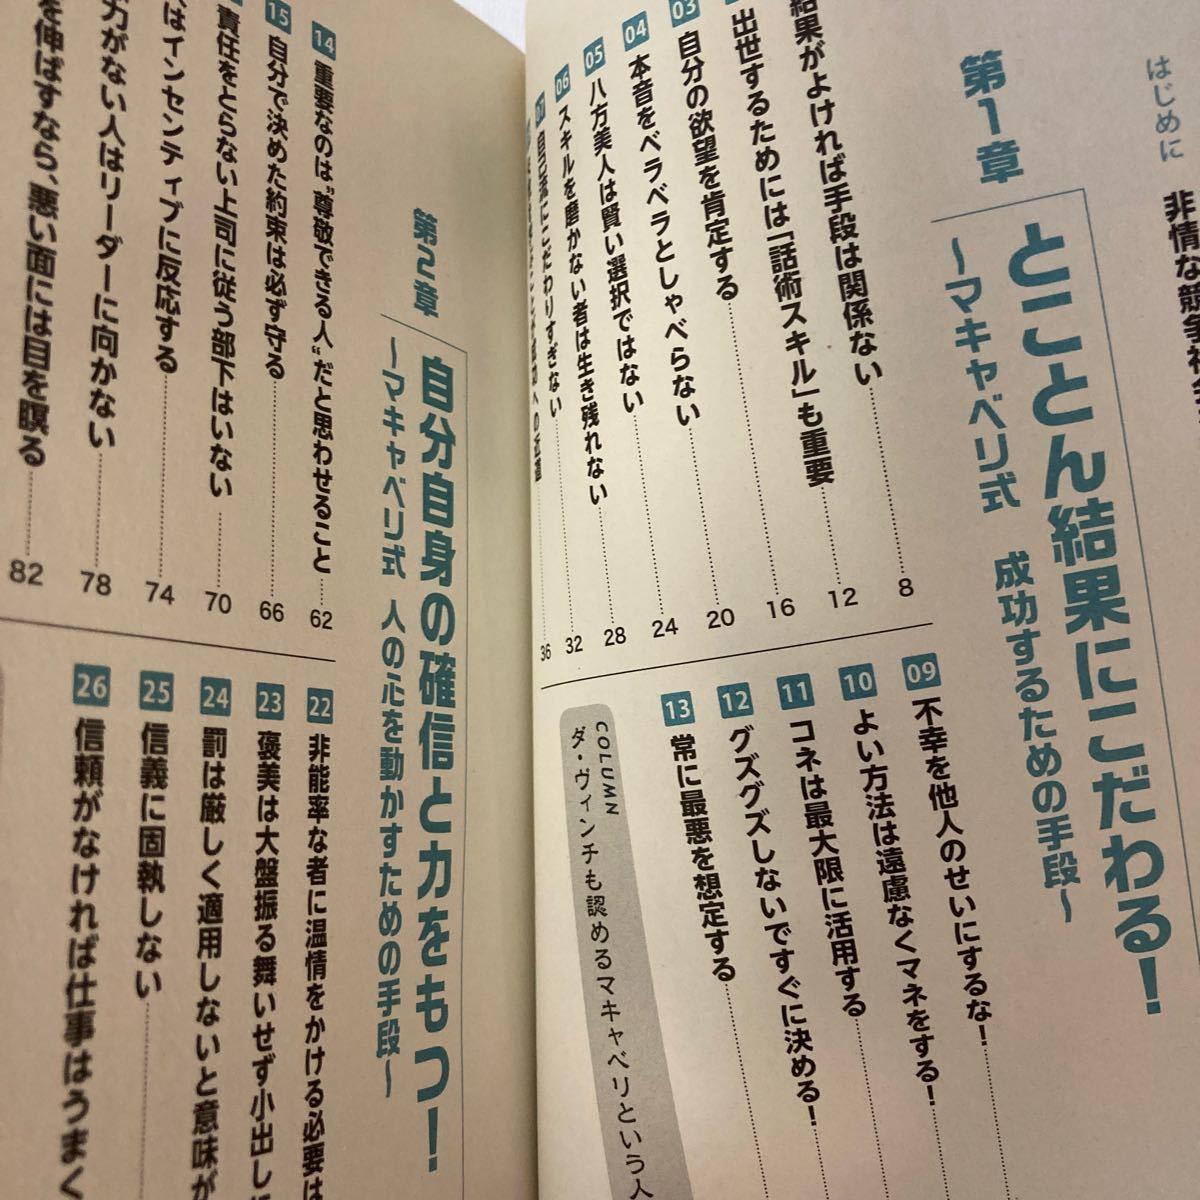 【ビジネス書籍】単行本 非情な人ほど成果を上げる マキャベリ式 最強の仕事術 新人〜若手社会人向け